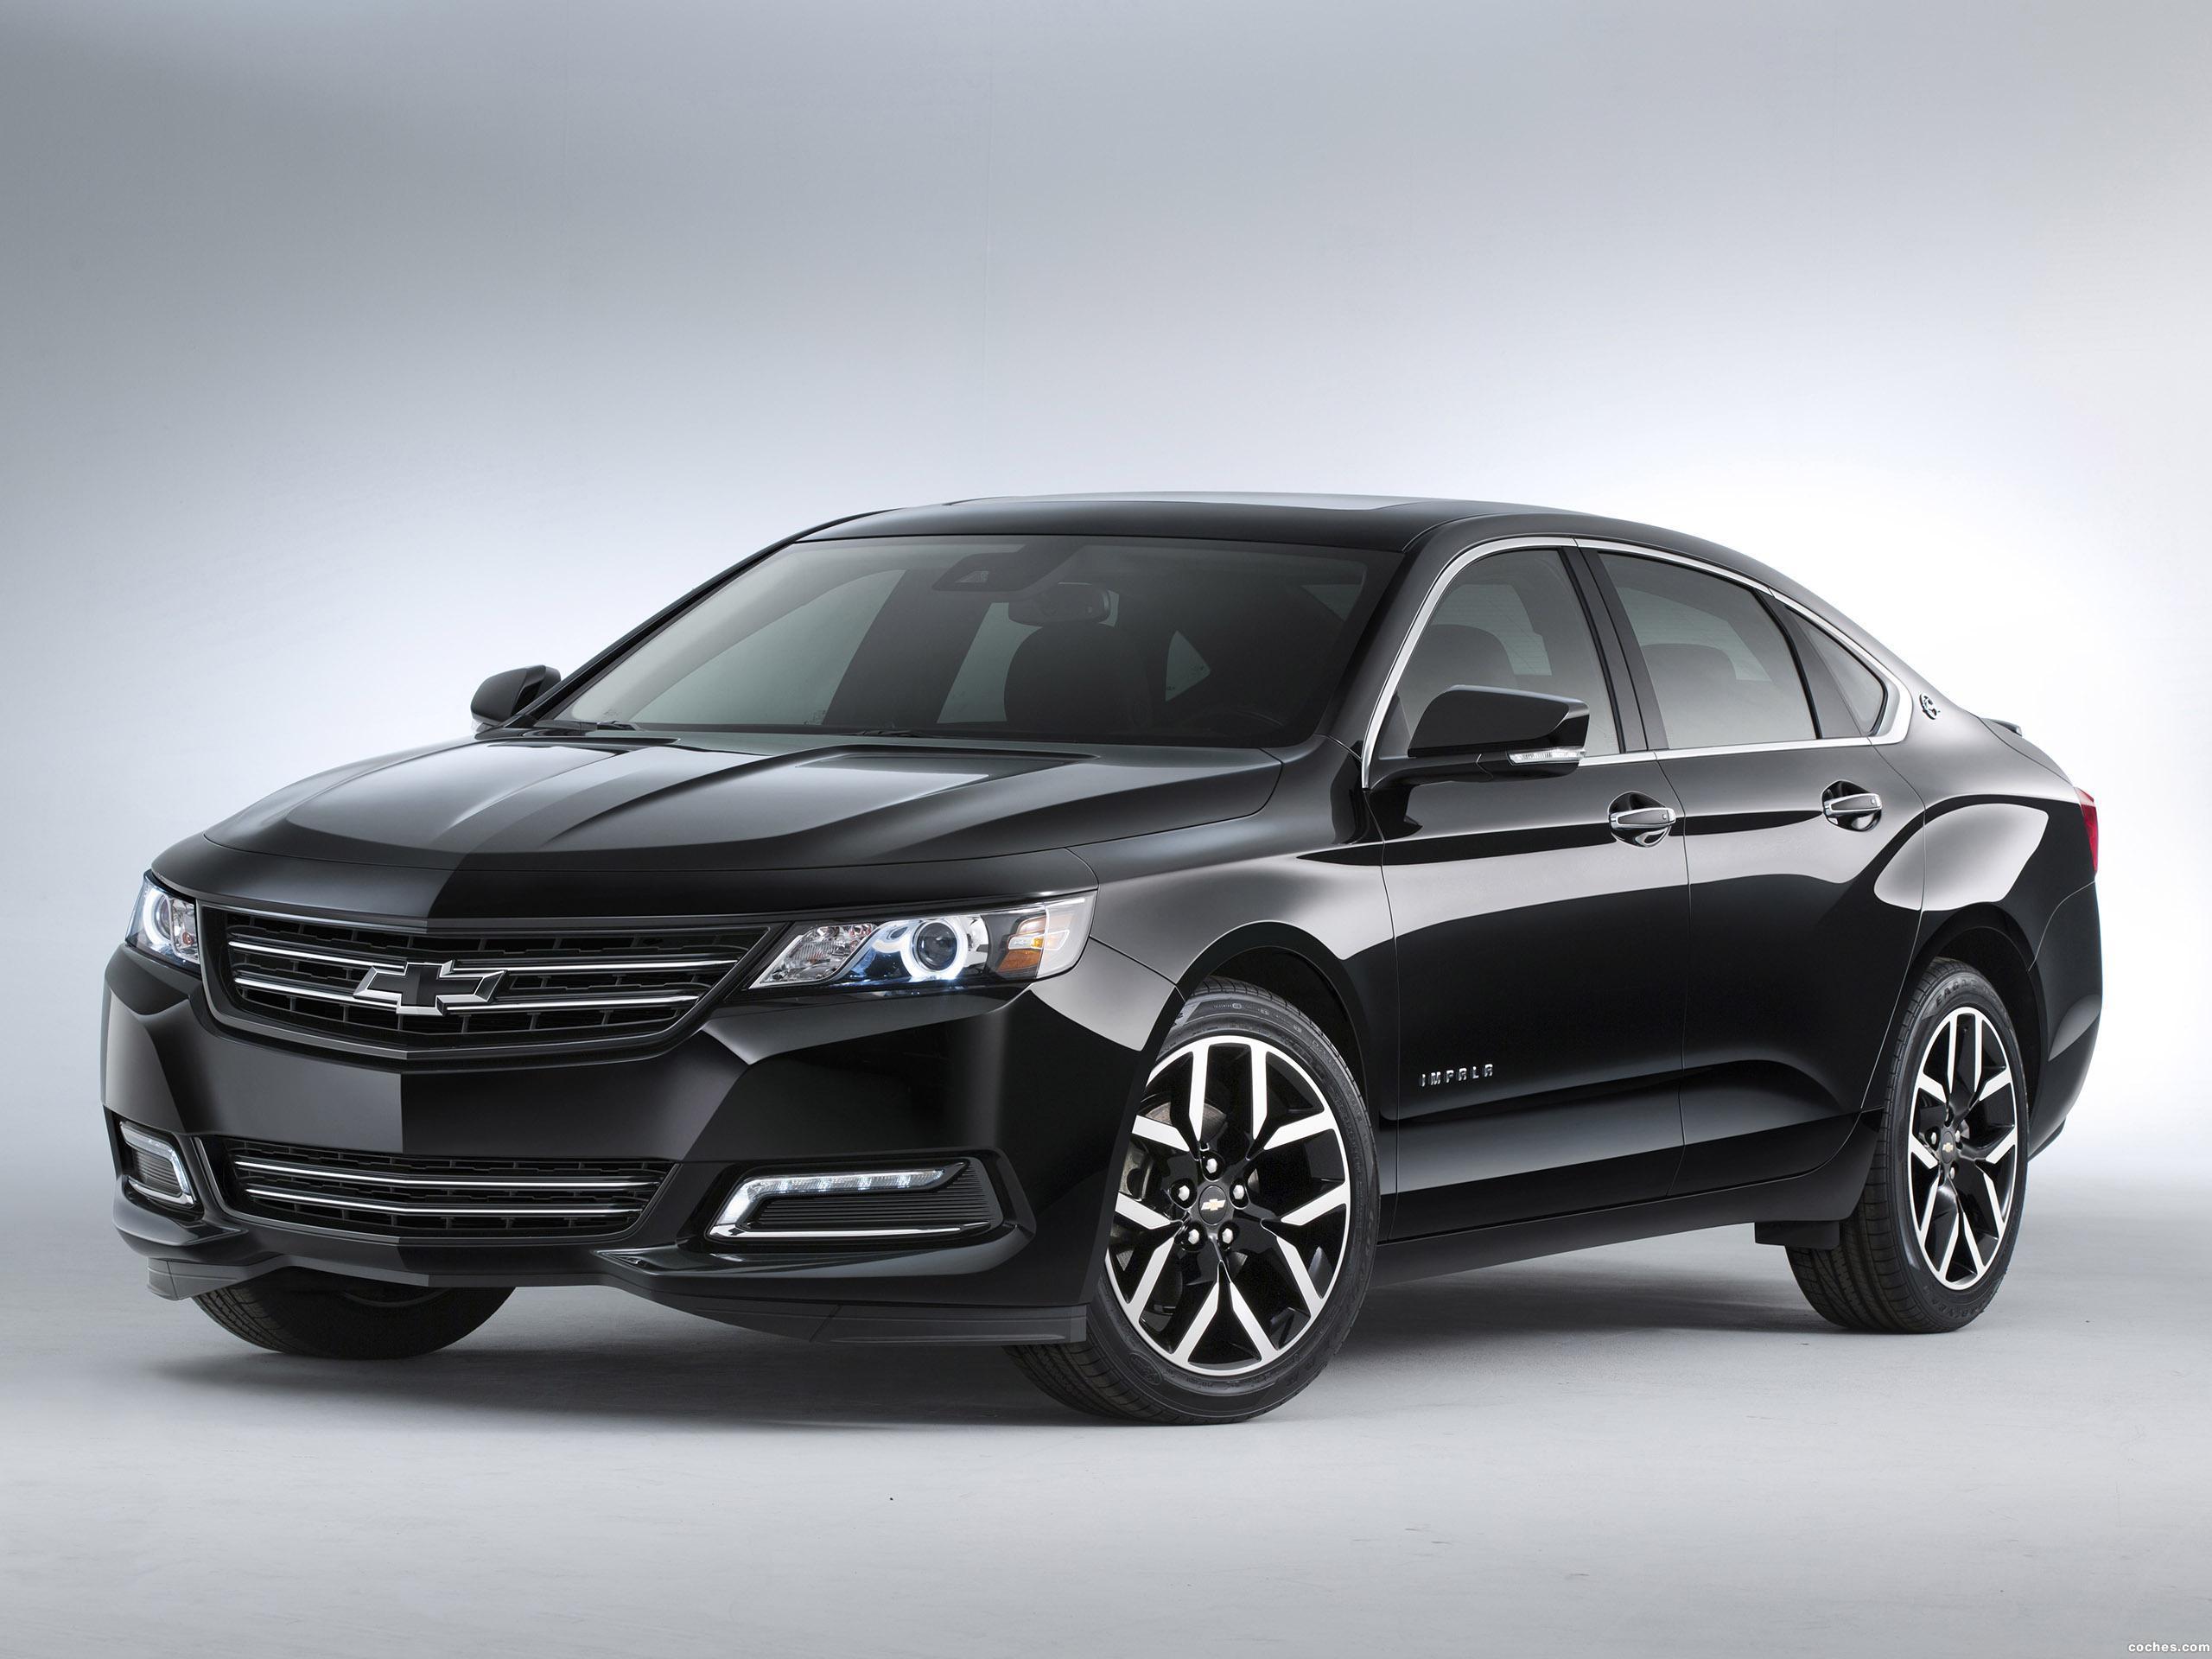 Foto 0 de Chevrolet Impala Blackout Concept 2014